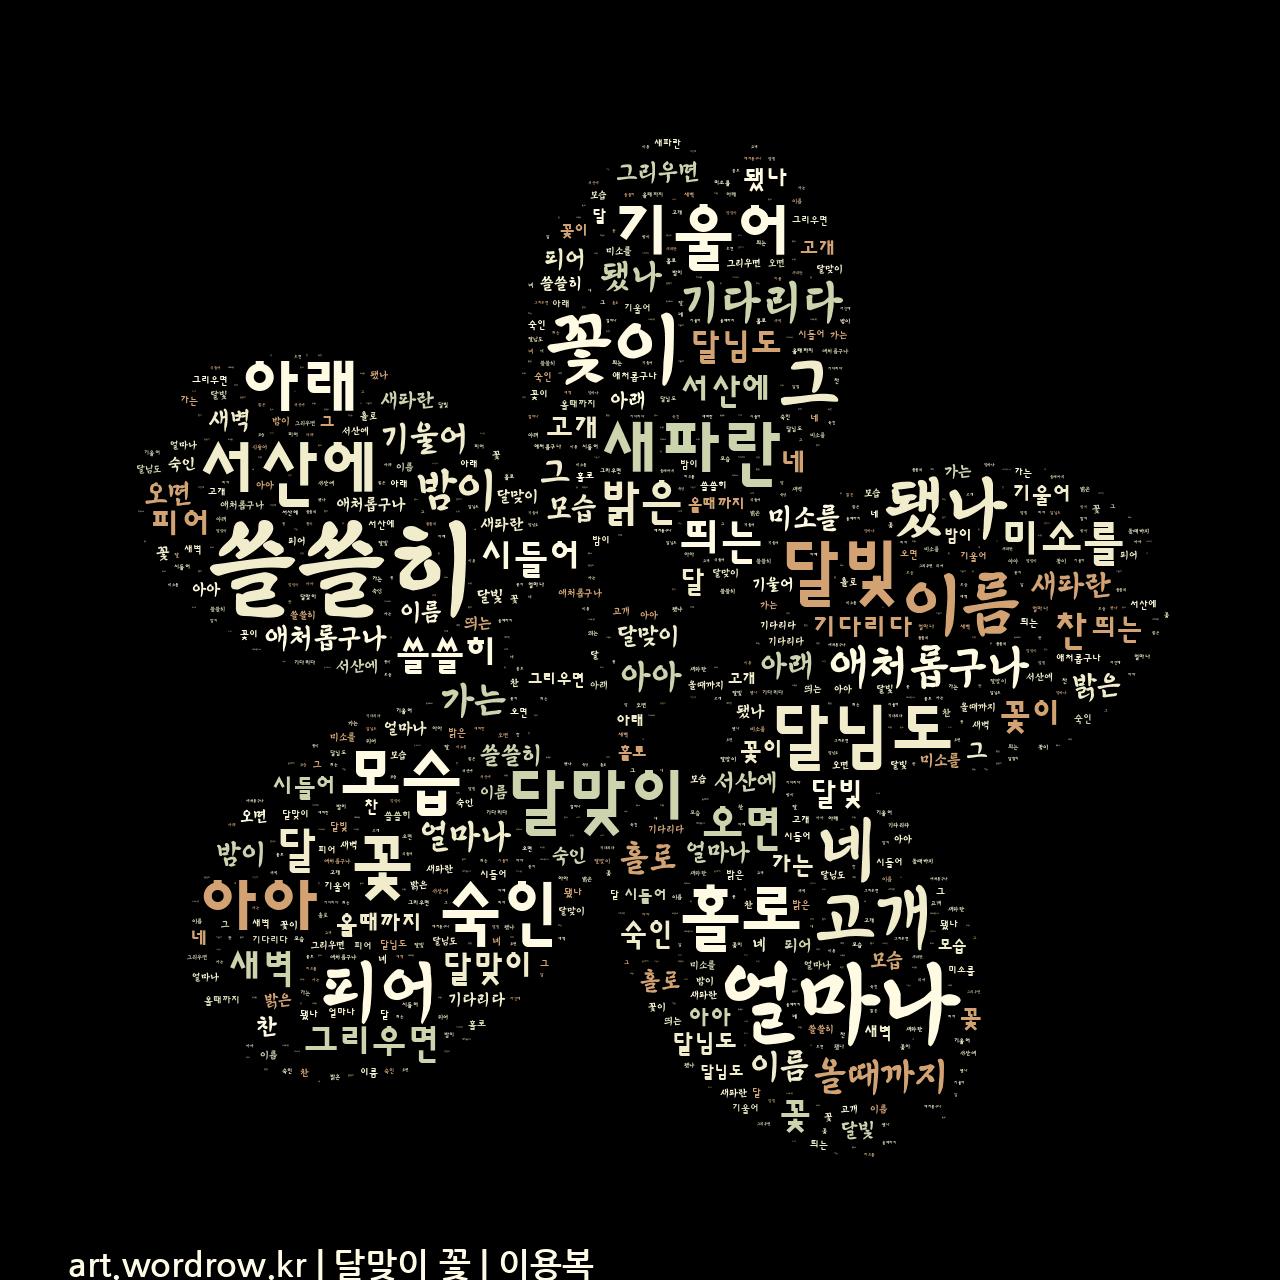 워드 아트: 달맞이 꽃 [이용복]-29